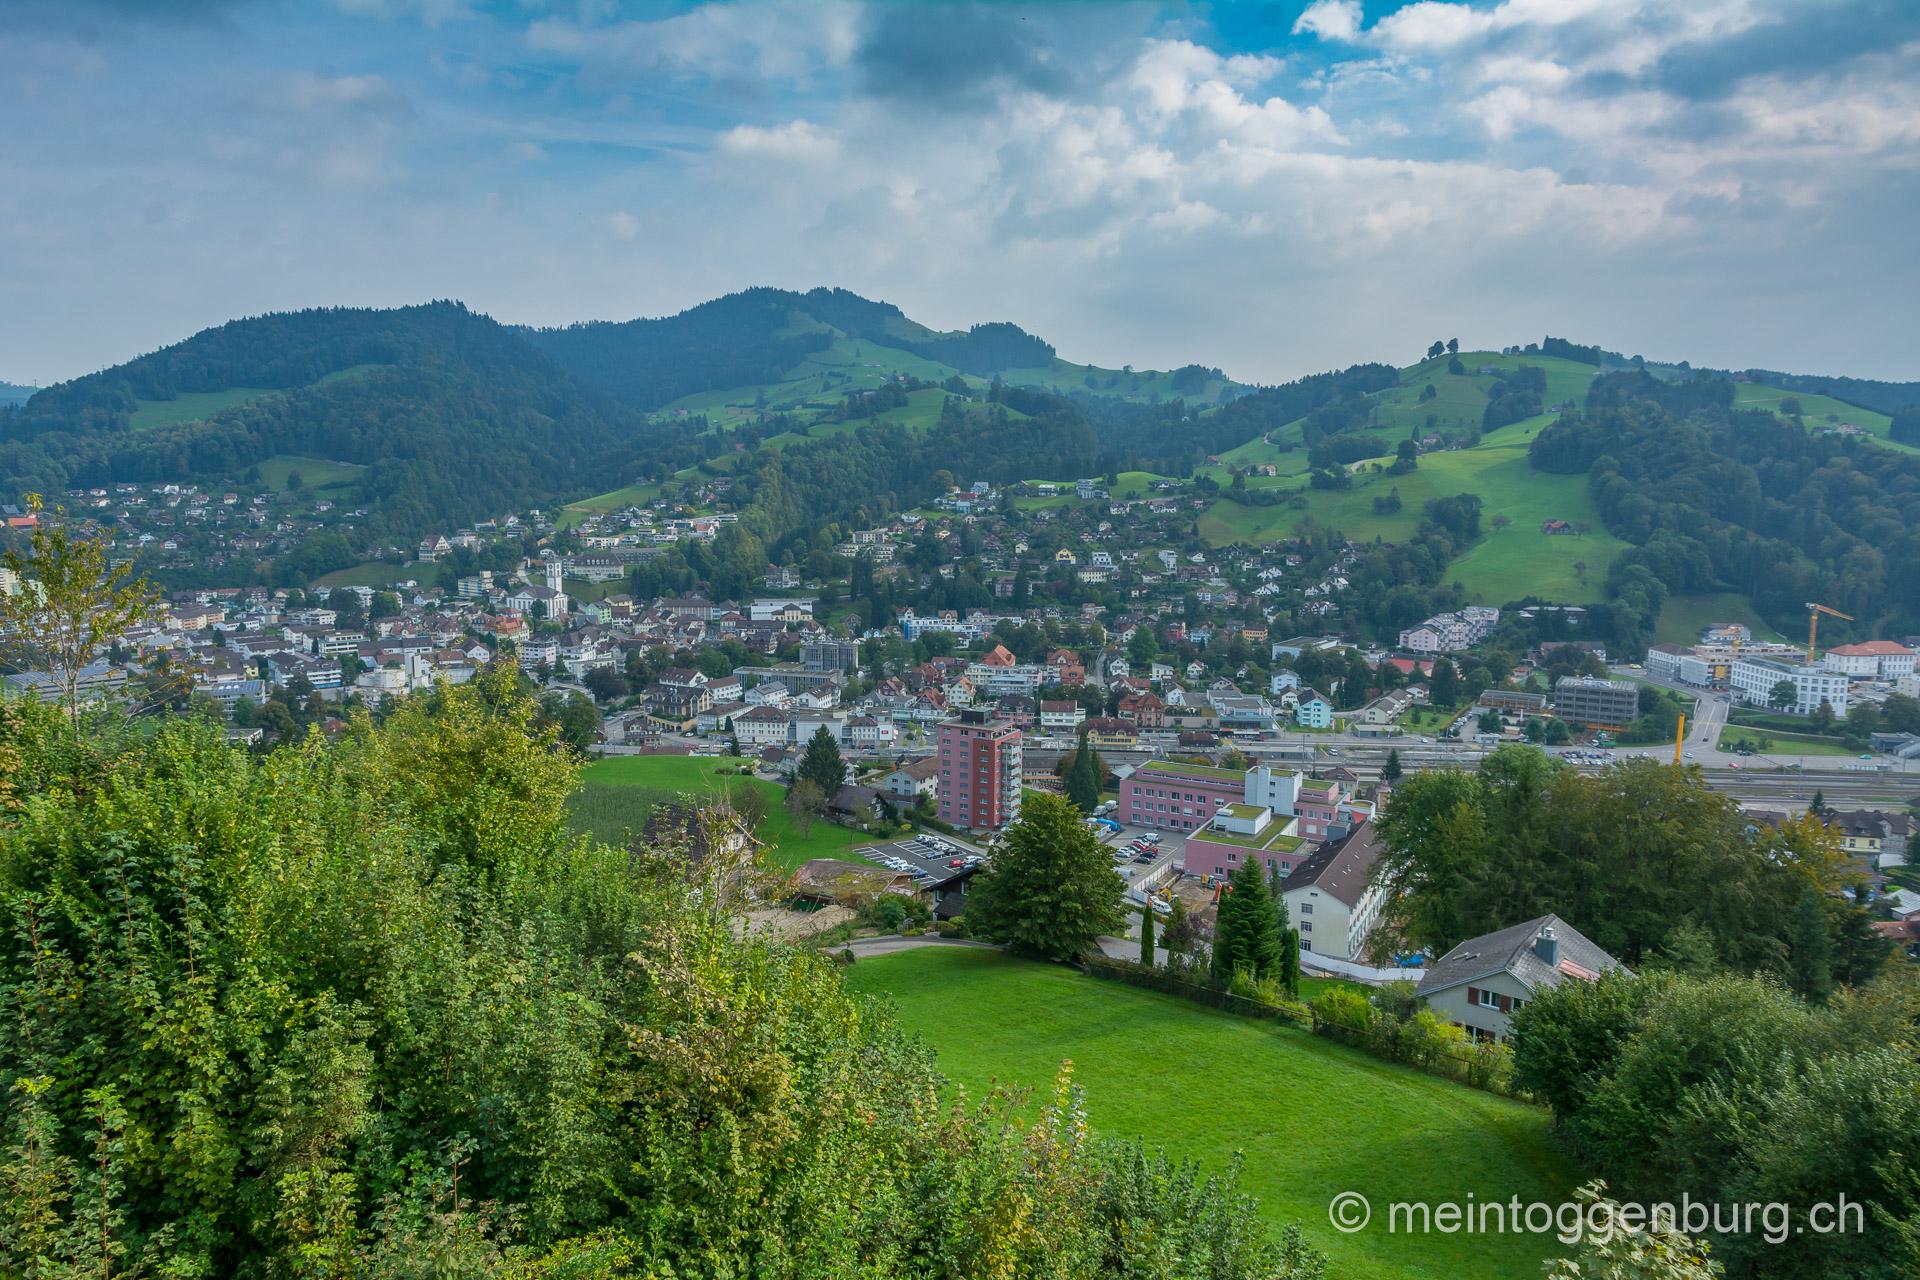 Grillplatz Iburg Wattwil